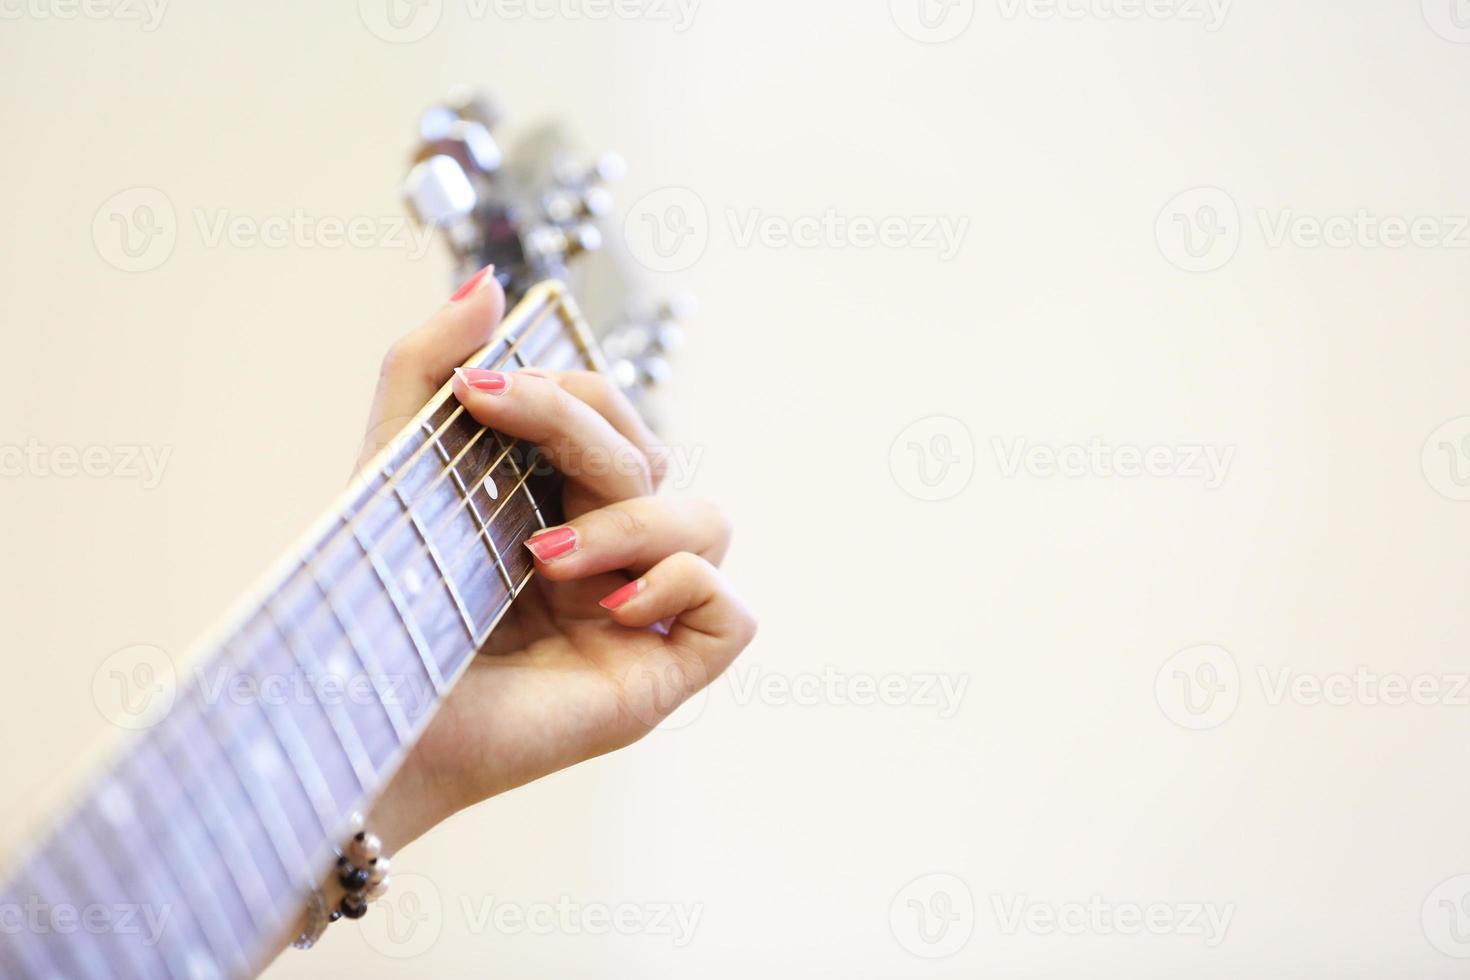 Musikerin hält eine Gitarre und spielt einen Akkord foto